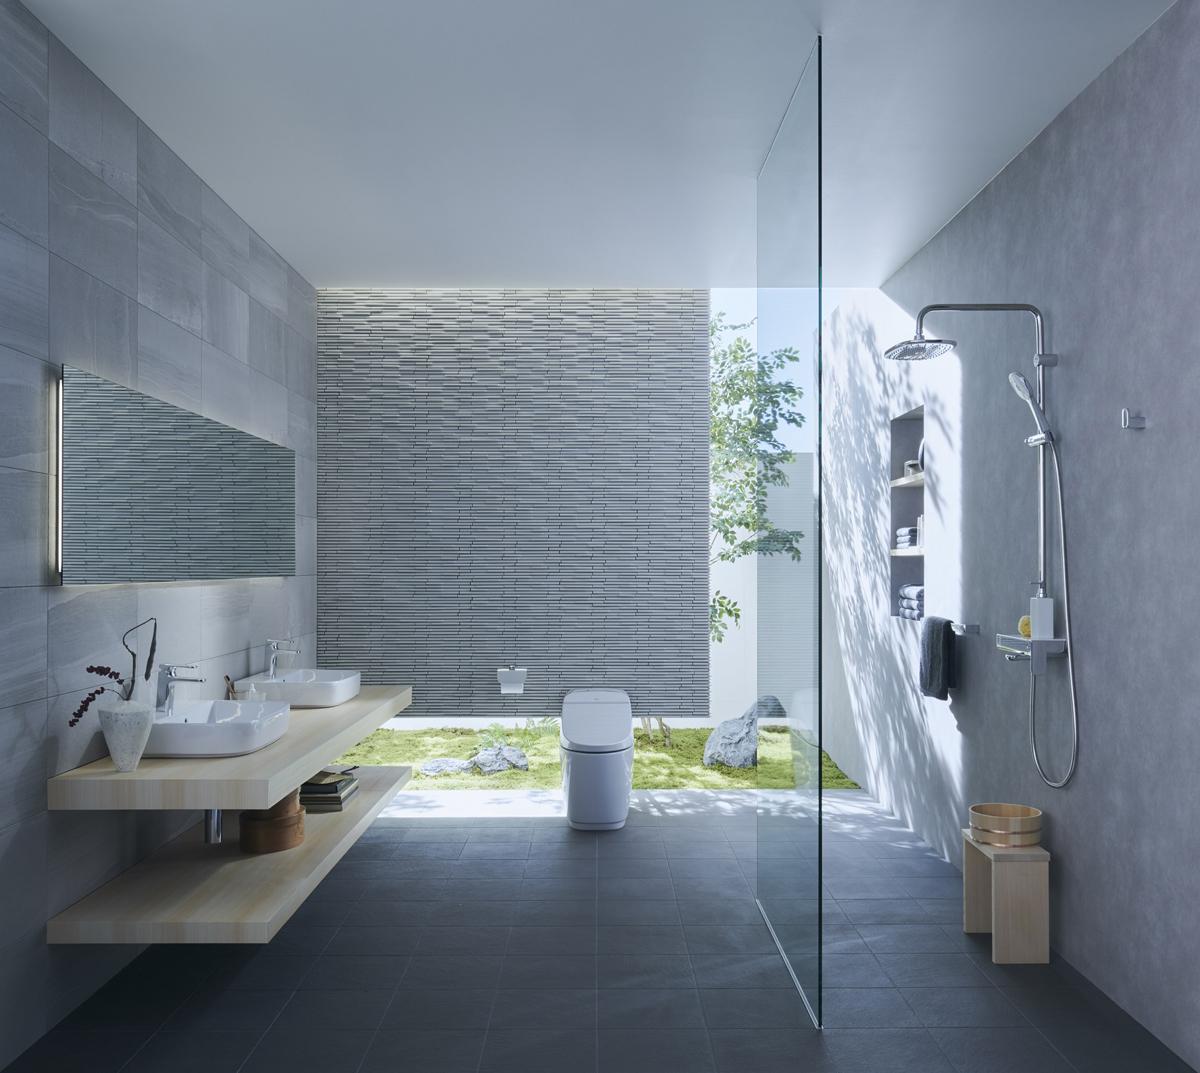 Chương trình sẽ chọn ra 6 gia đình để cải tạo không gian phòng tắm miễn phí.